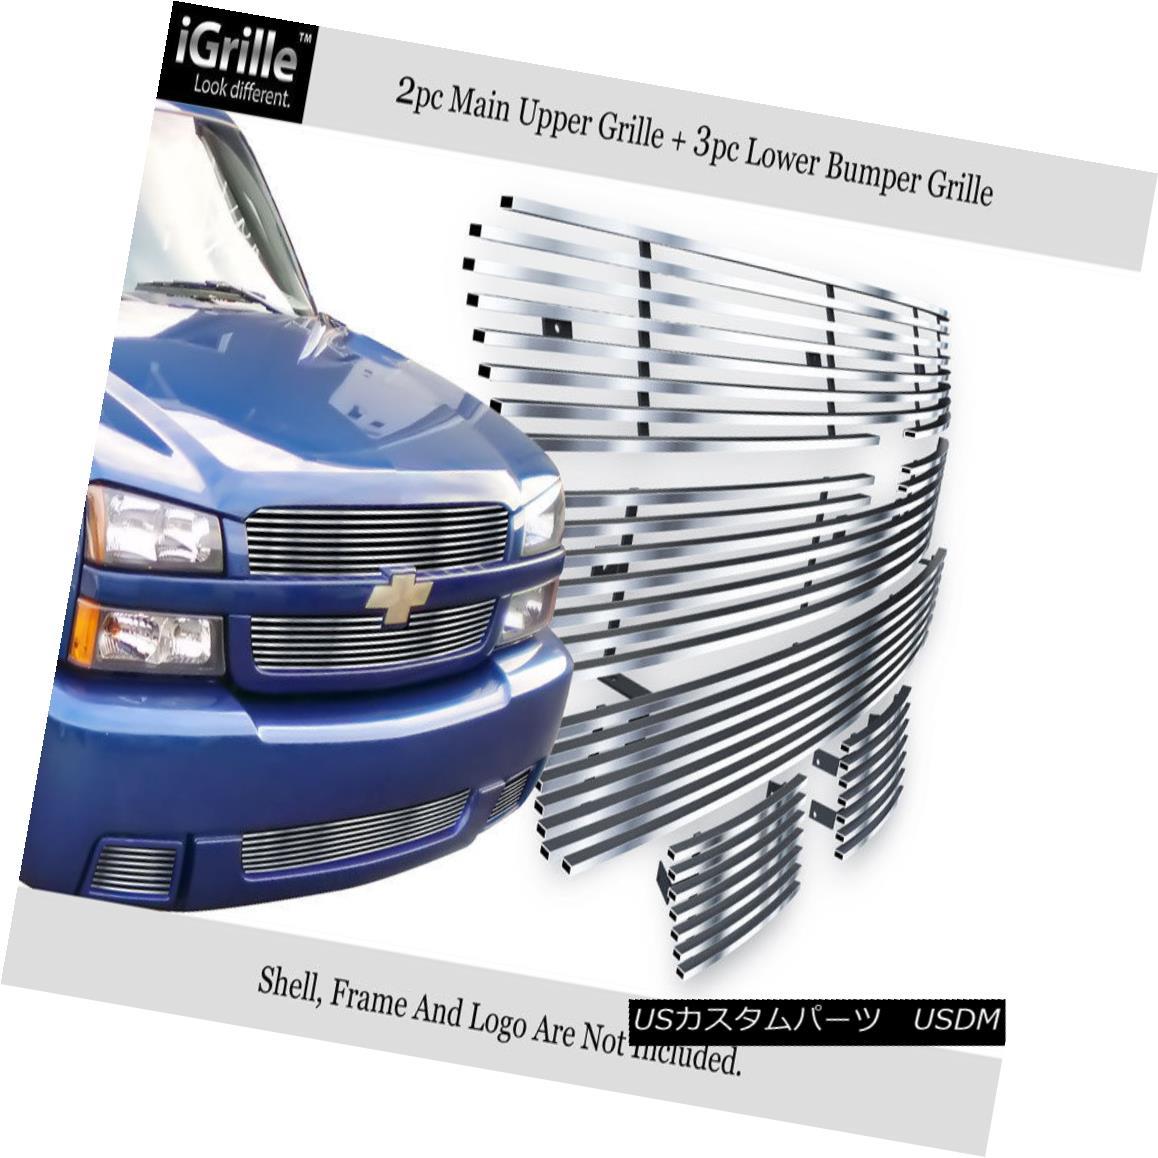 グリル Fits 2003-2005 Chevy Silverado 1500 SS Stainless Steel Billet Grille Combo 2003?2005年のChevy Silverado 1500 SSステンレス鋼ビレットグリルコンボに適合